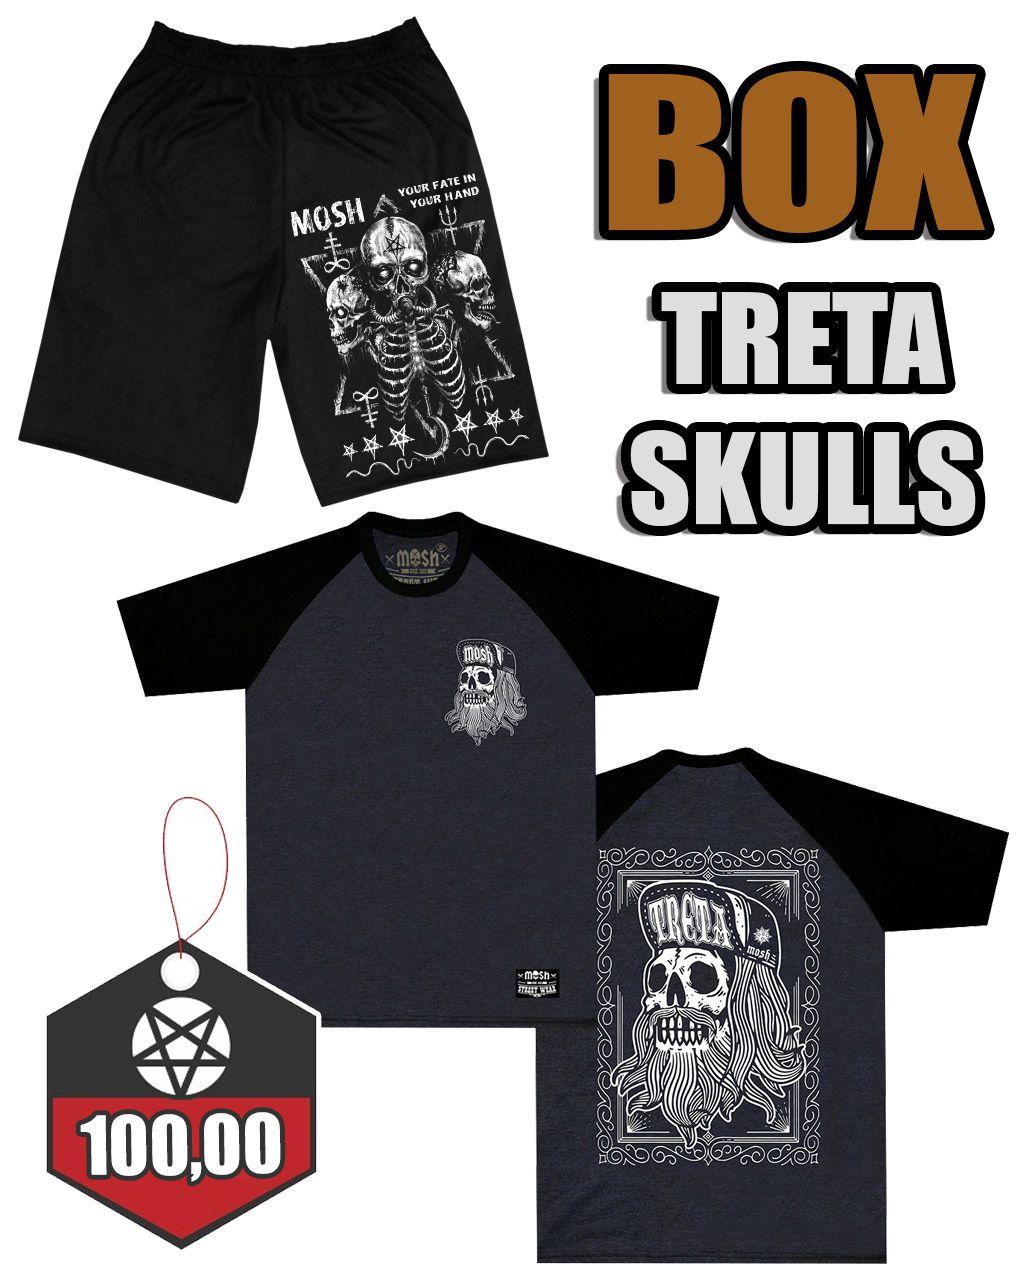 BOX TRETA SKULLS